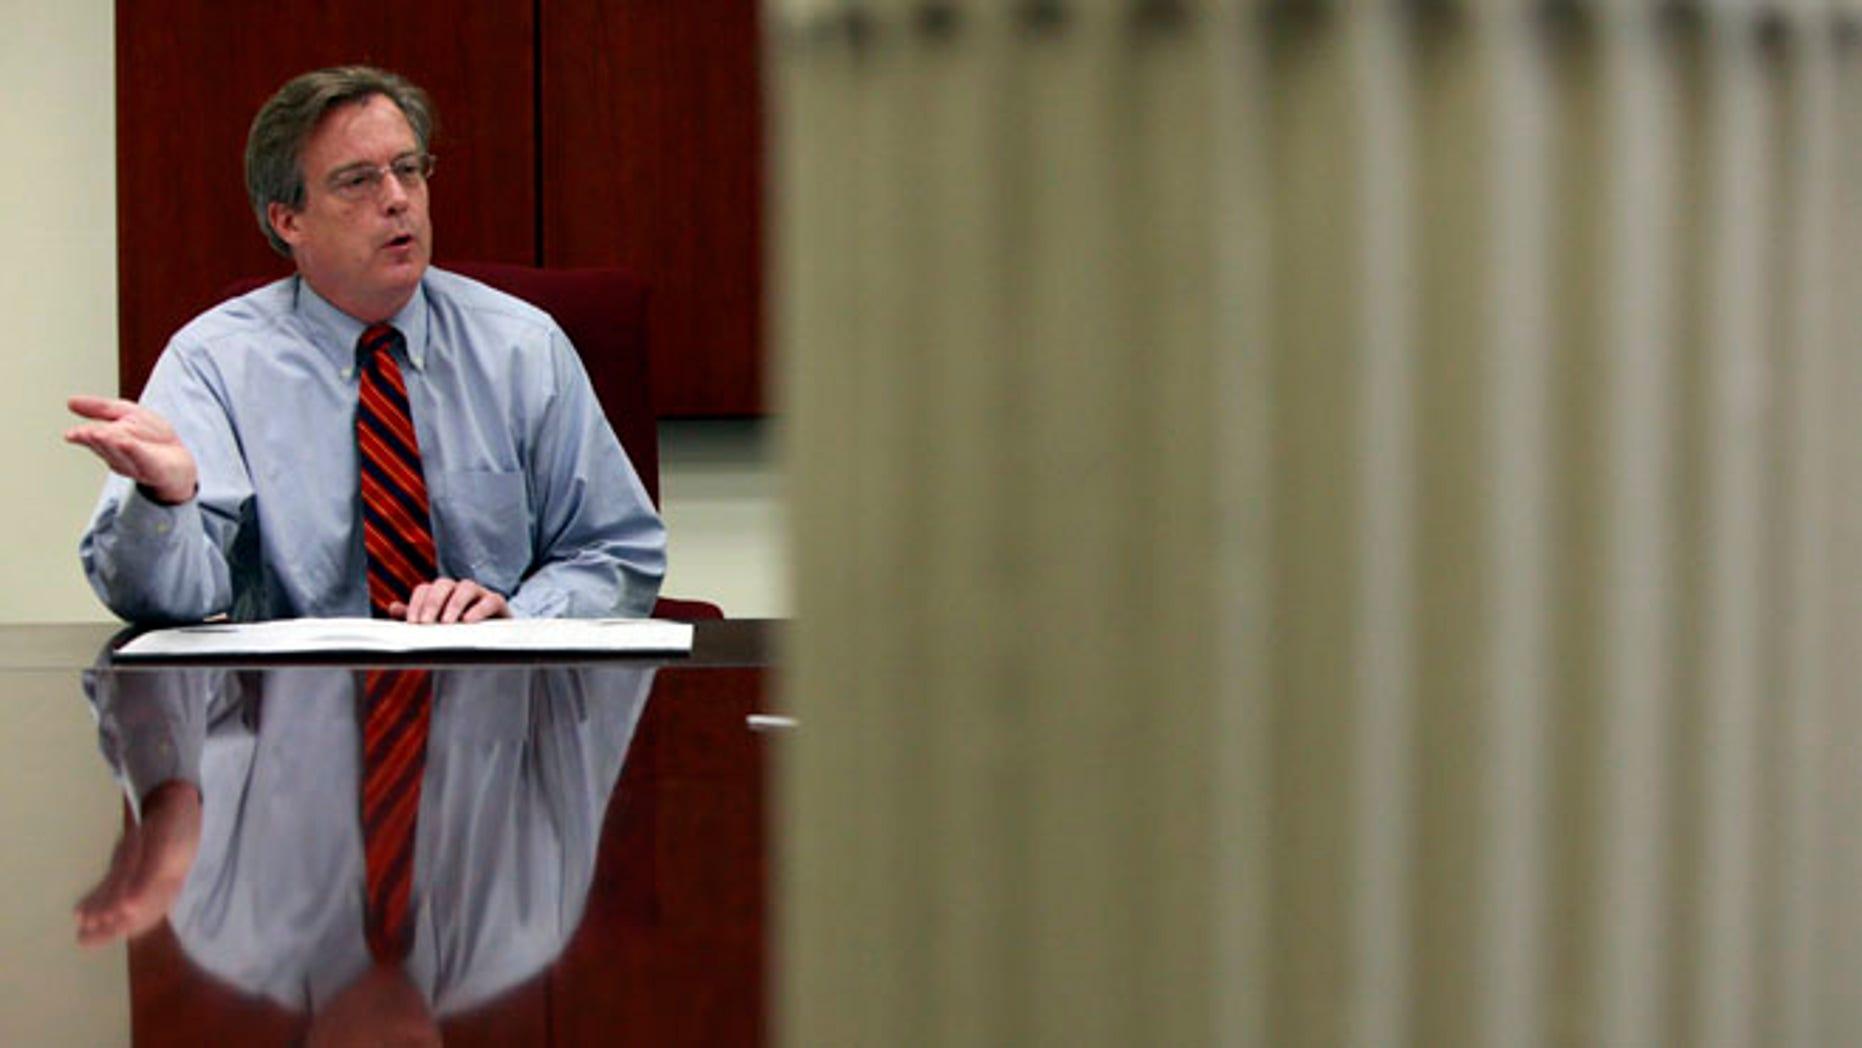 Scranton Mayor Christopher Doherty at city hall in Scranton, Pennsylvania July 13, 2012.